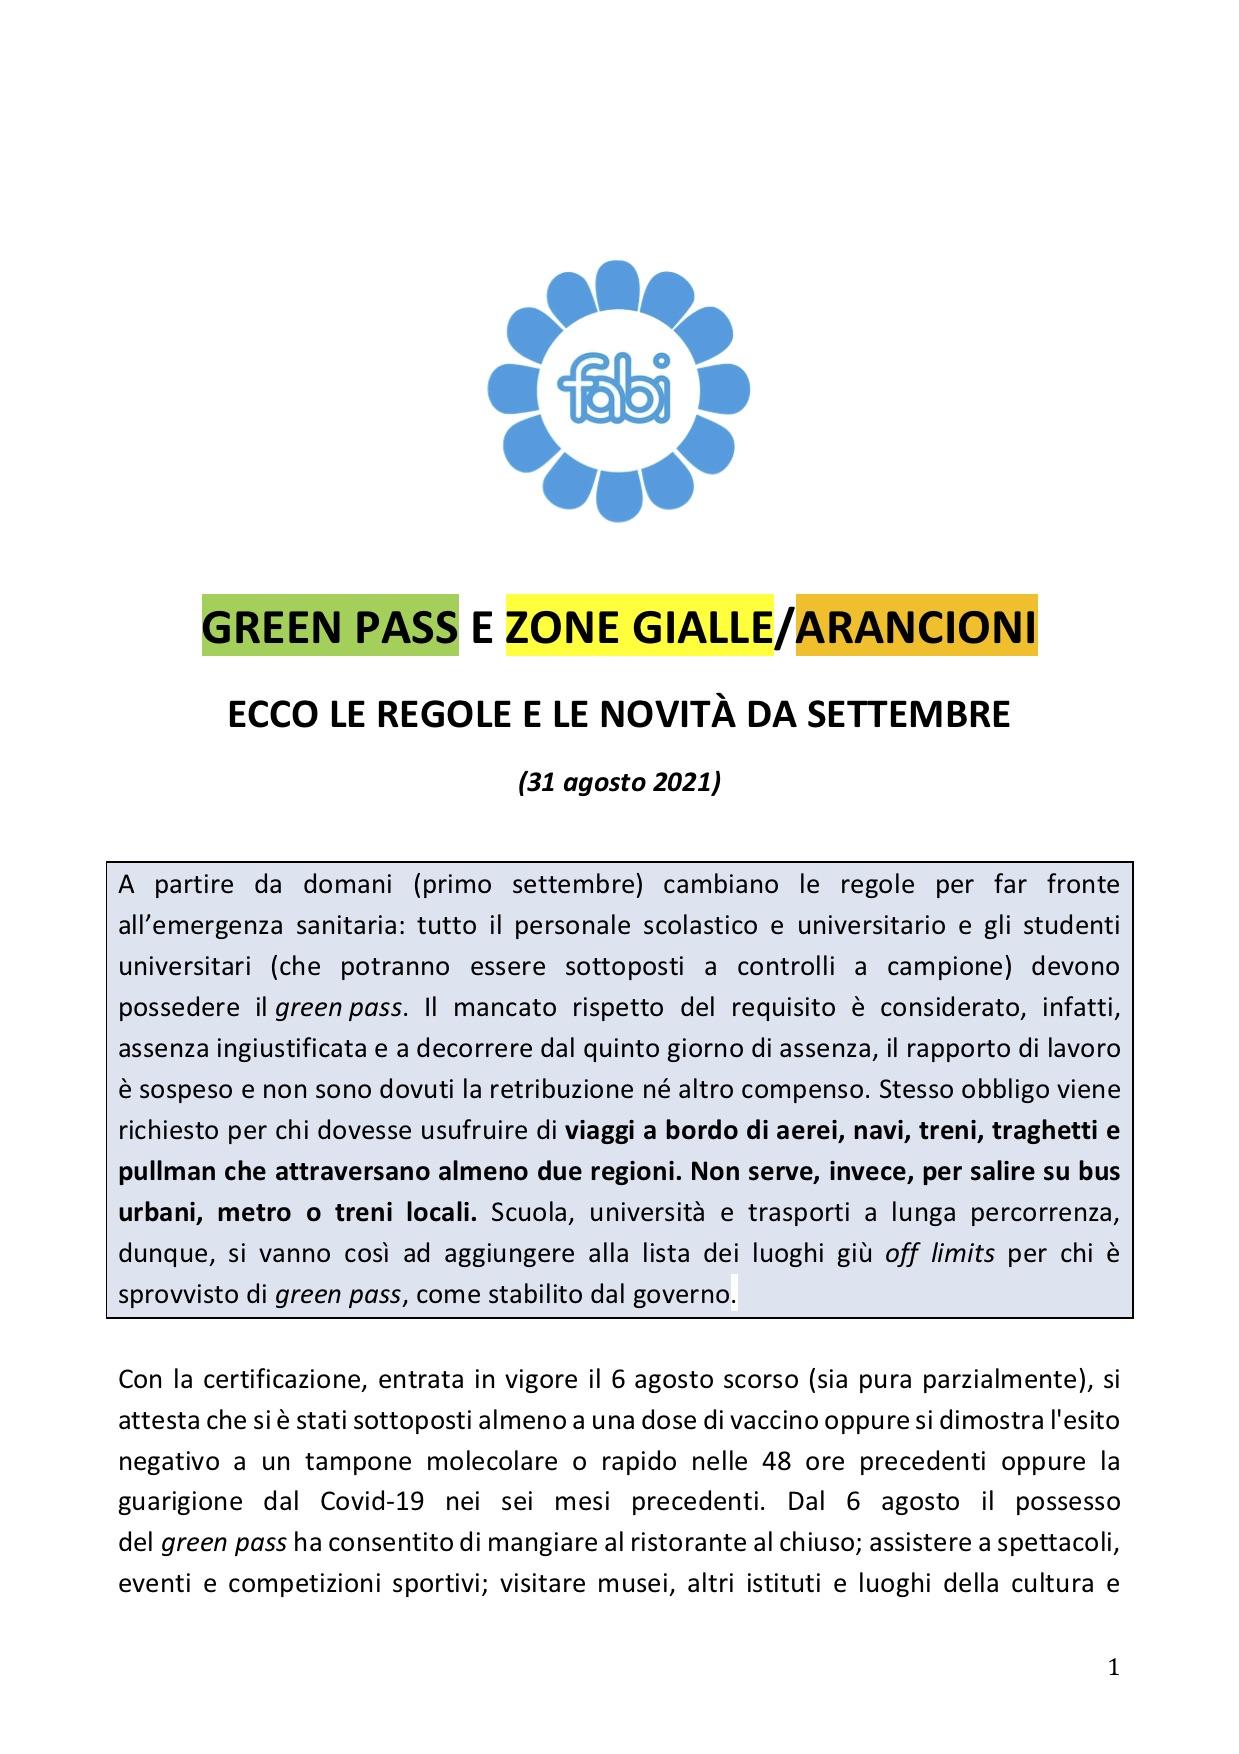 GREEN PASS E ZONE GIALLE/ARANCIONI ECCO LE REGOLE E LE NOVITÀ DA SETTEMBRE